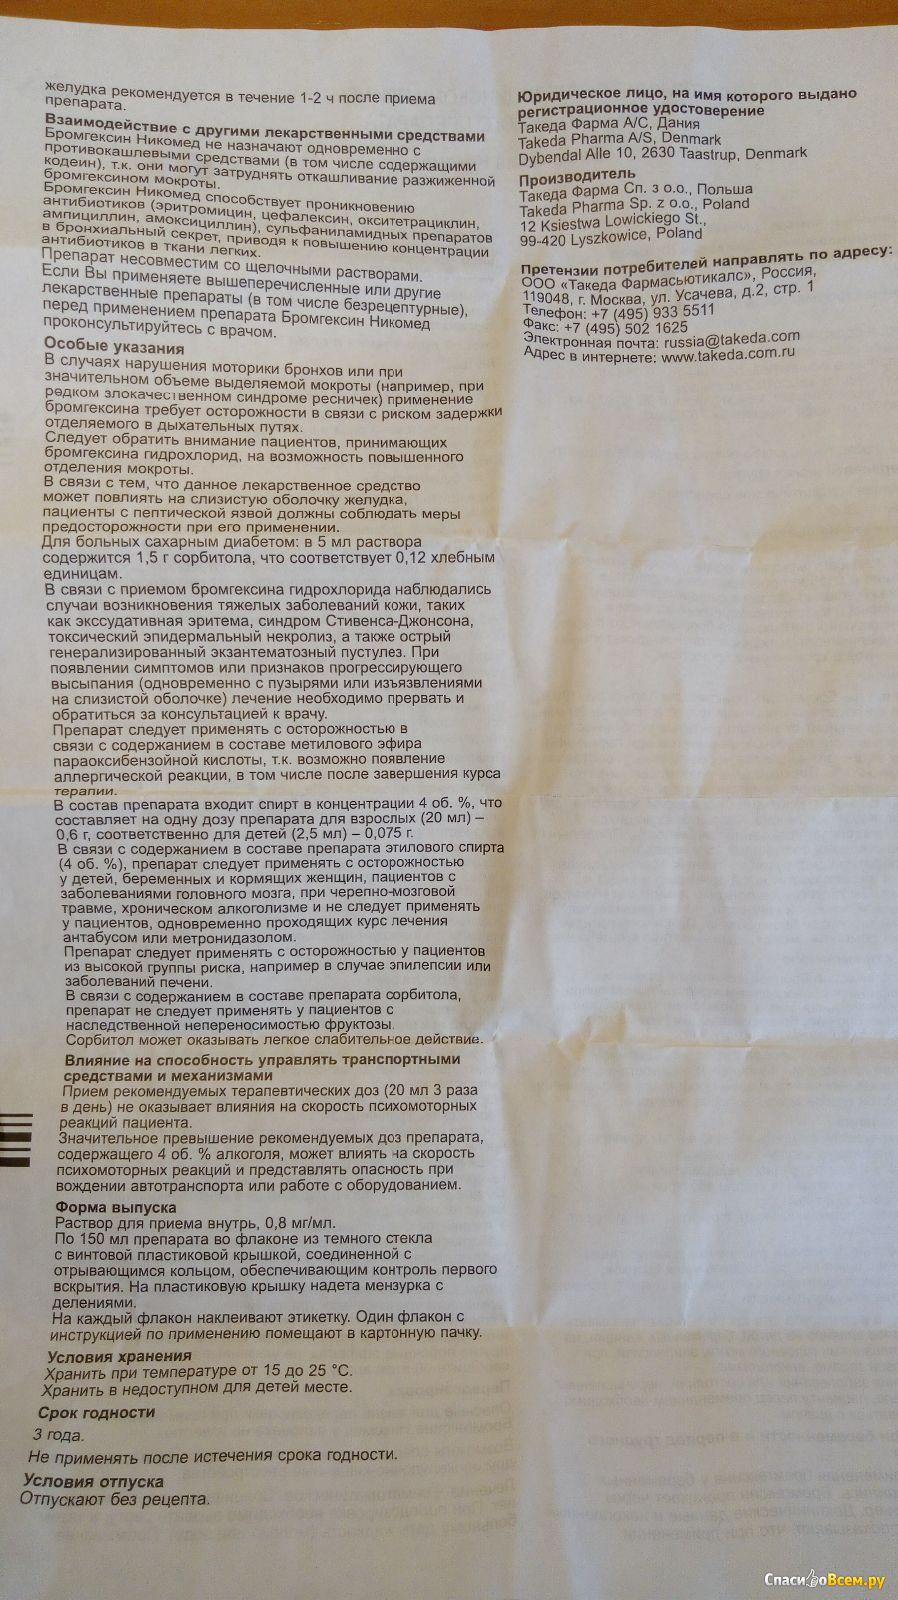 """""""Бромгексин Берлин Хеми"""": инструкция по применению сиропа и таблеток от кашля для детей"""